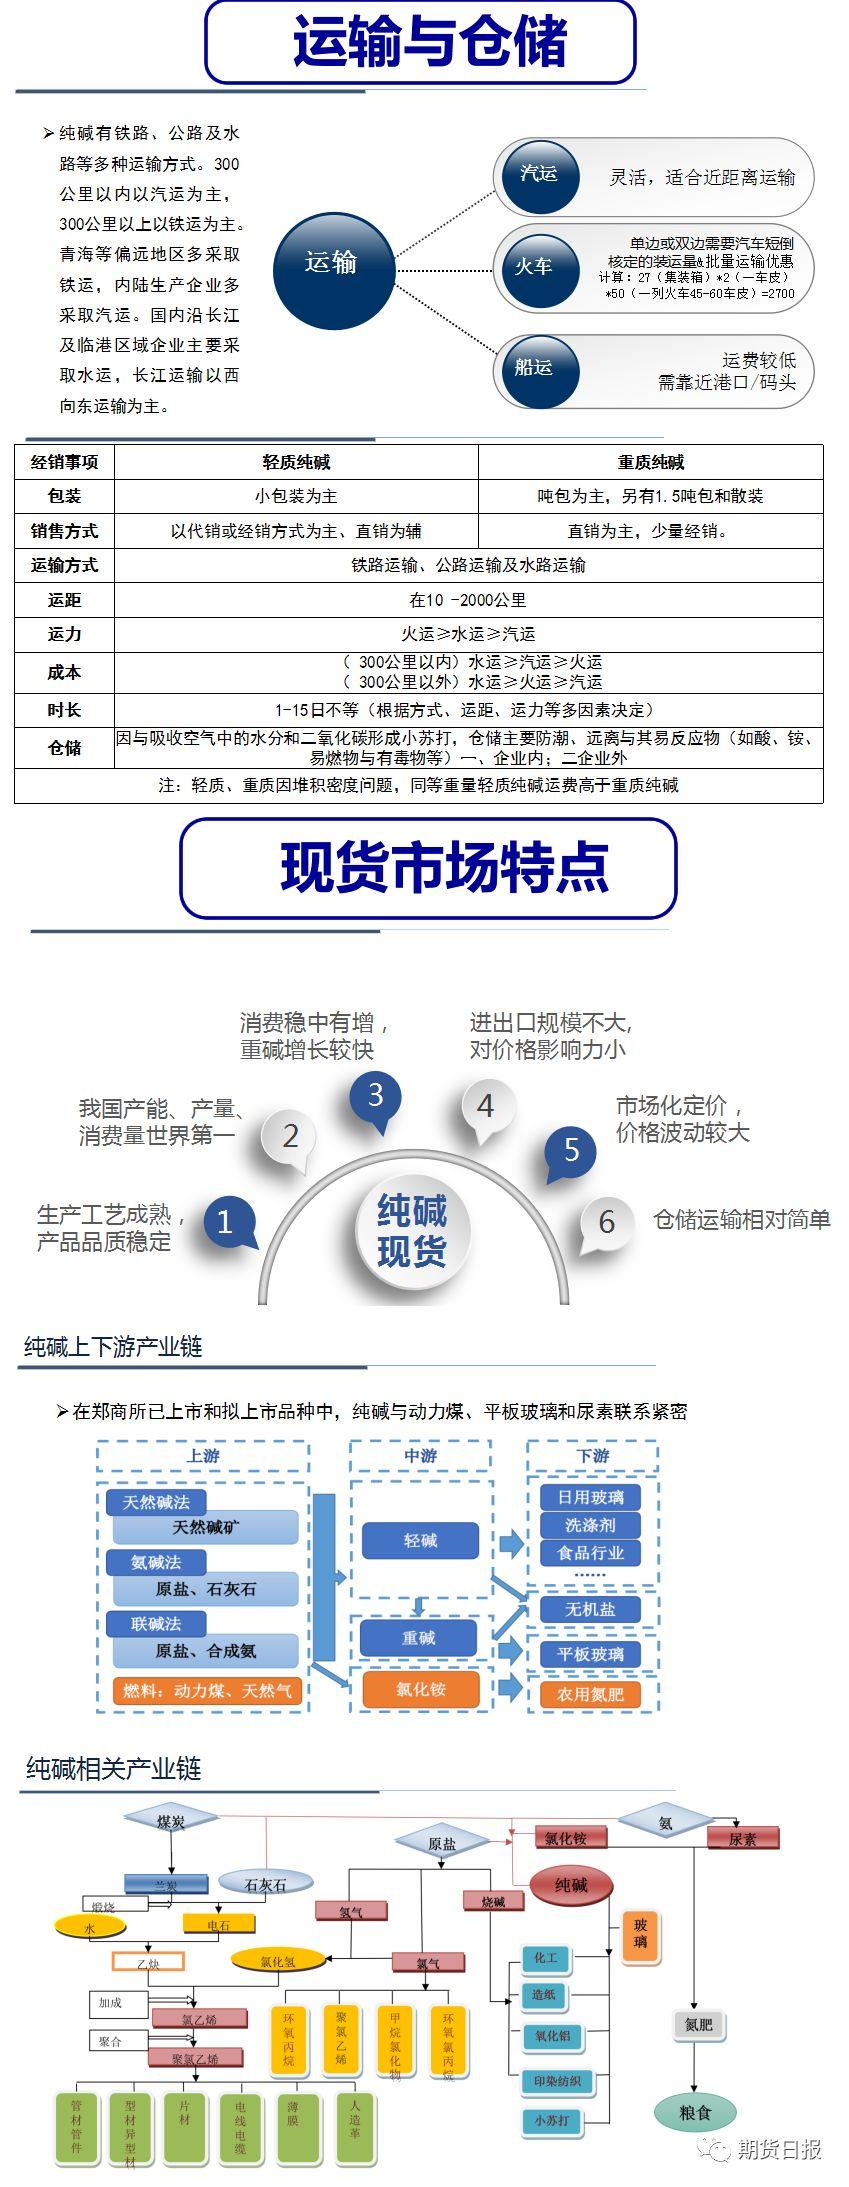 """支持花呗娱乐场_突发!马云被曝""""净身出户""""?阿里紧急回应"""